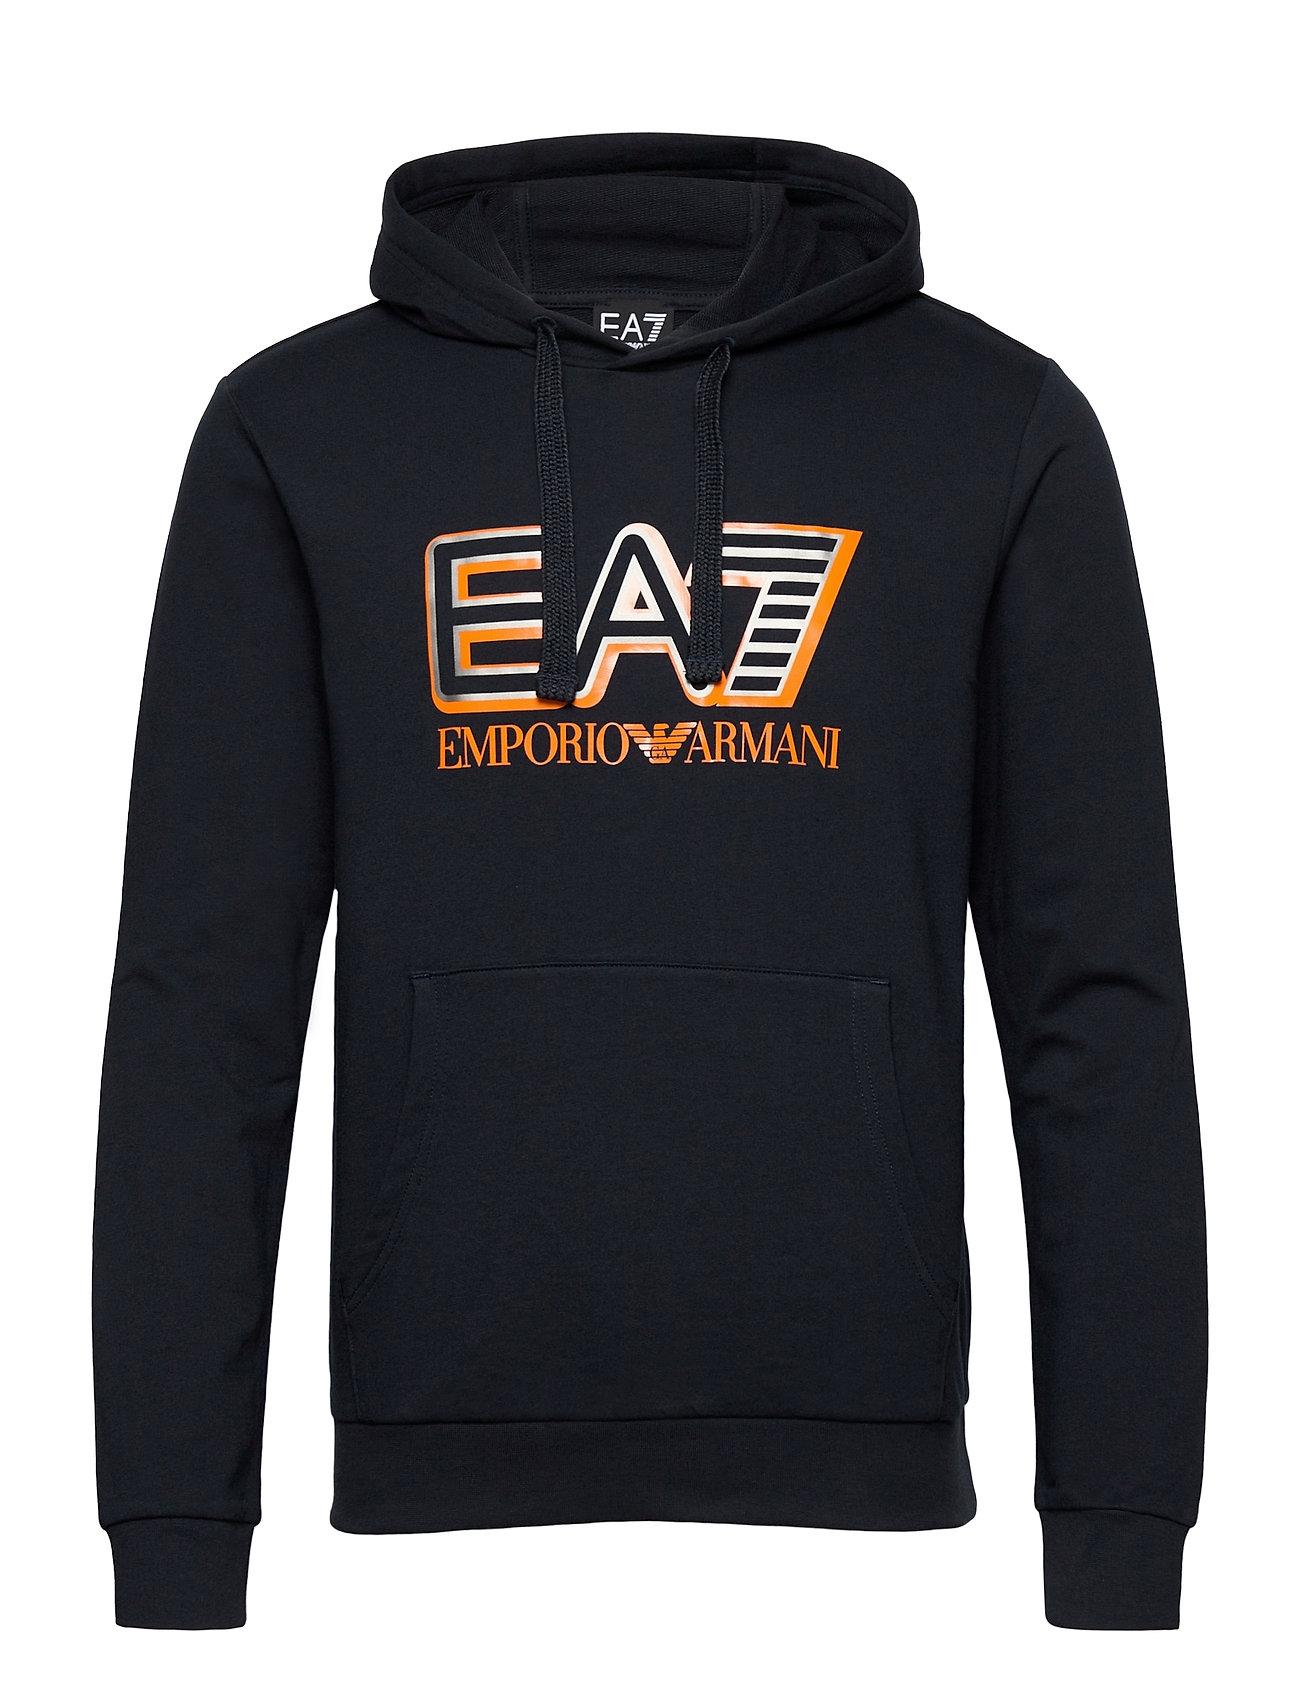 Image of Sweatshirt Hoodie Trøje Blå EA7 (3488998503)